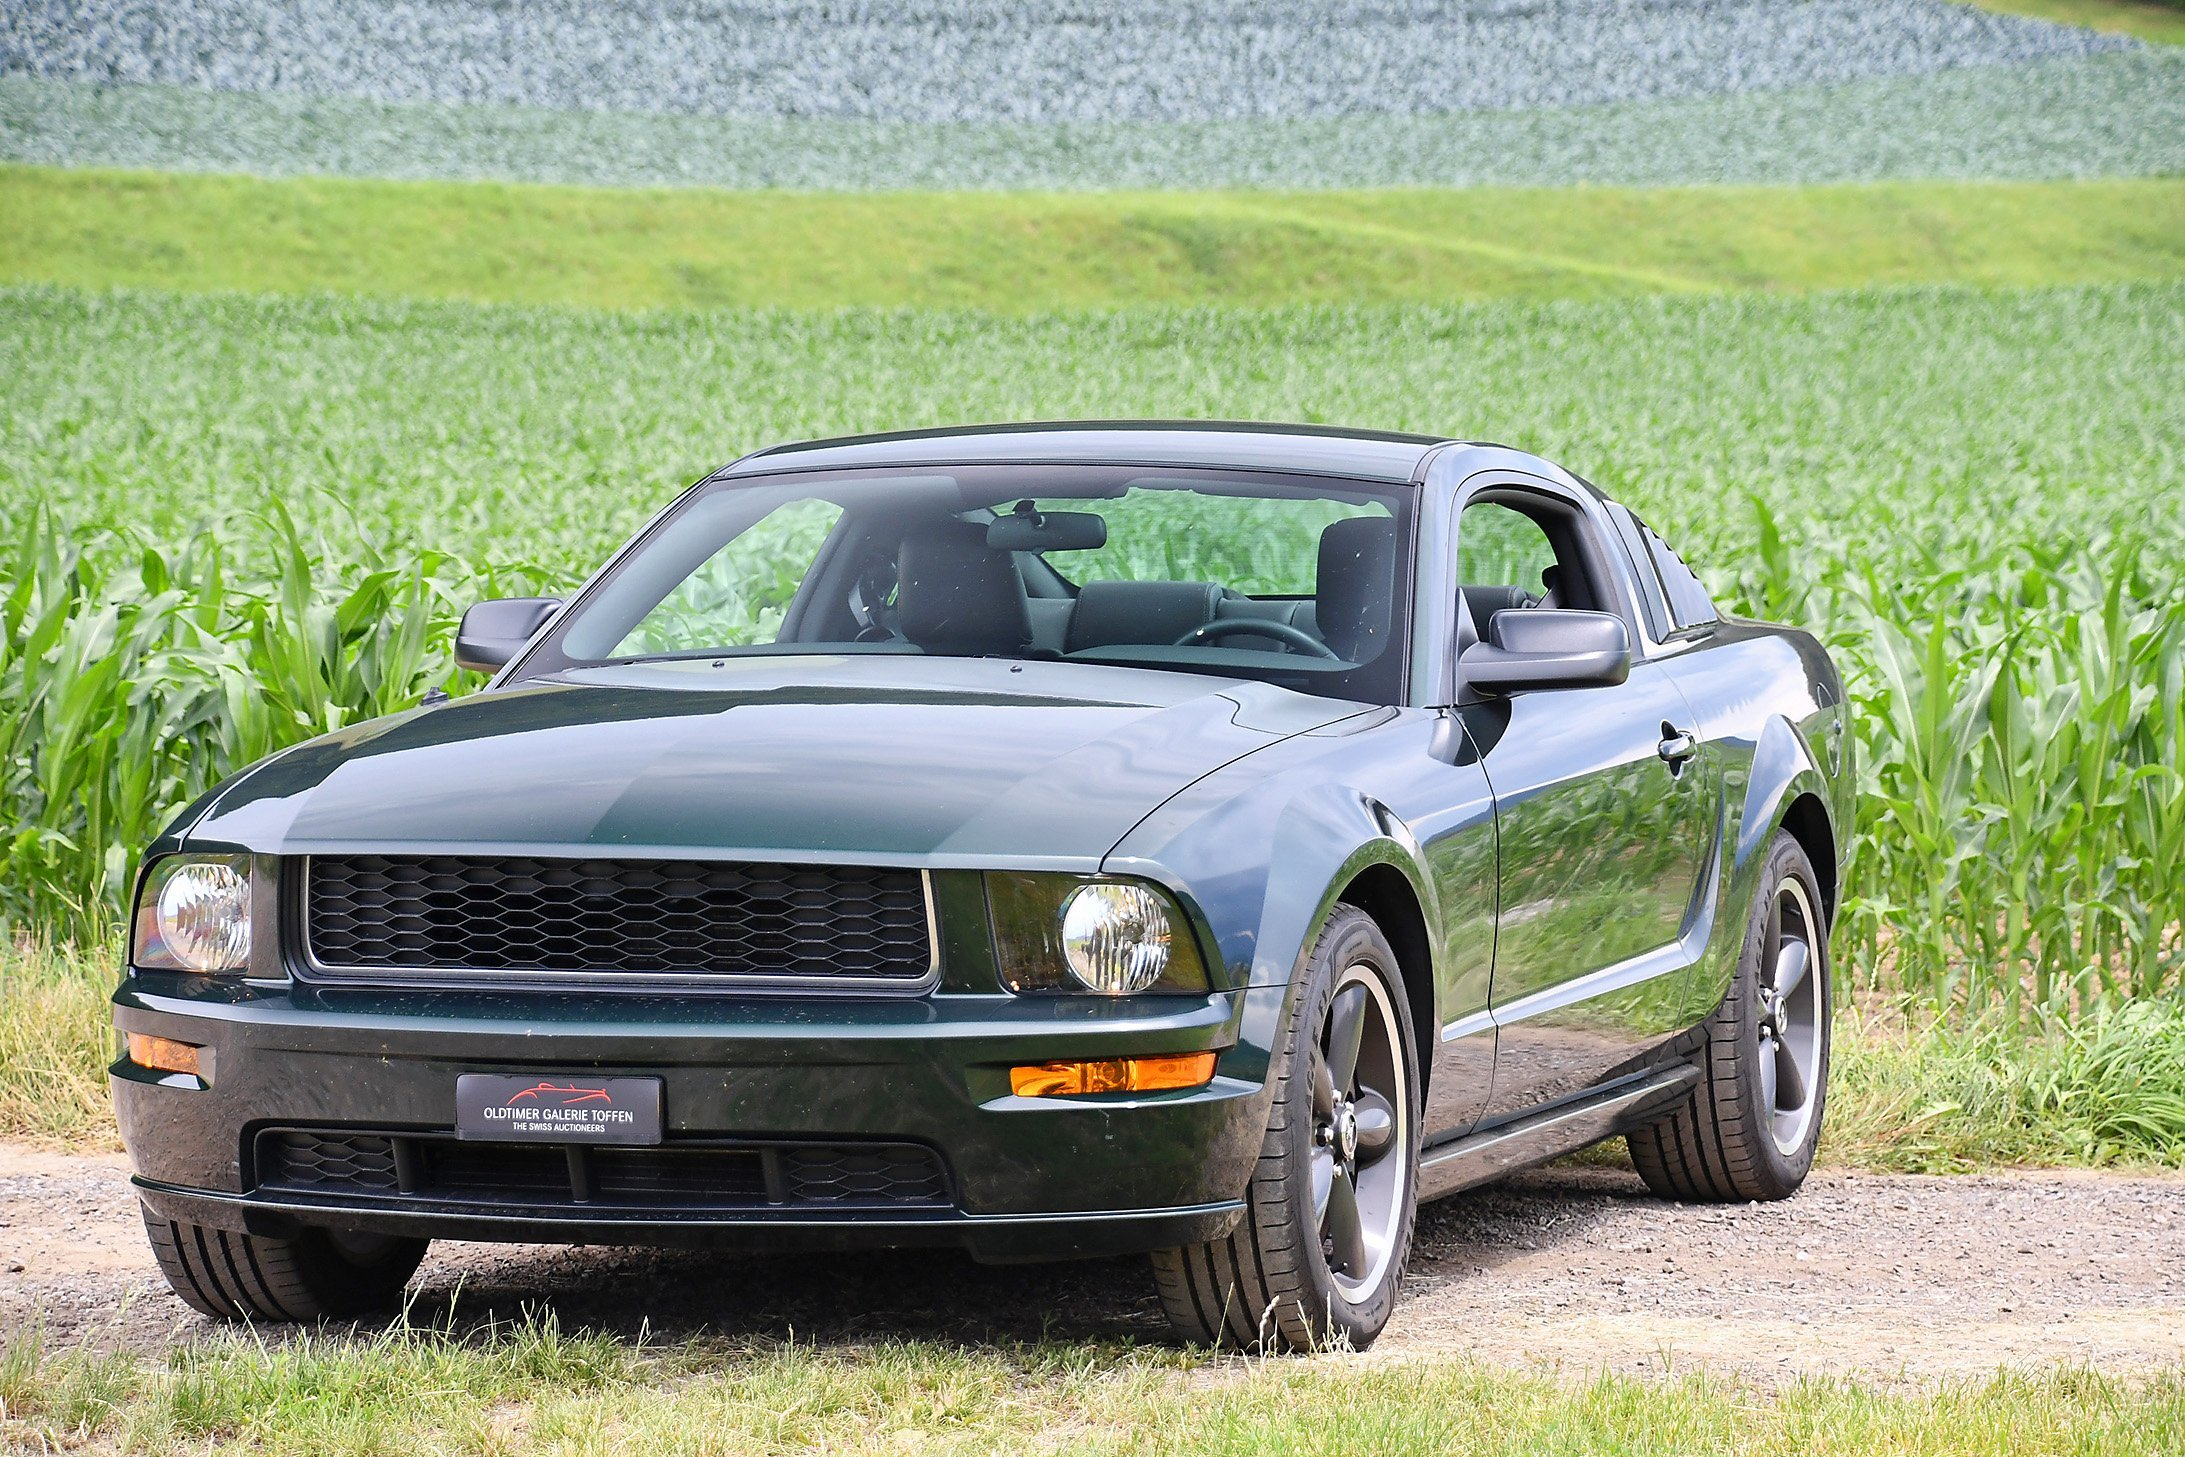 2008 Ford Mustang Gt Bullitt Classic Driver Market